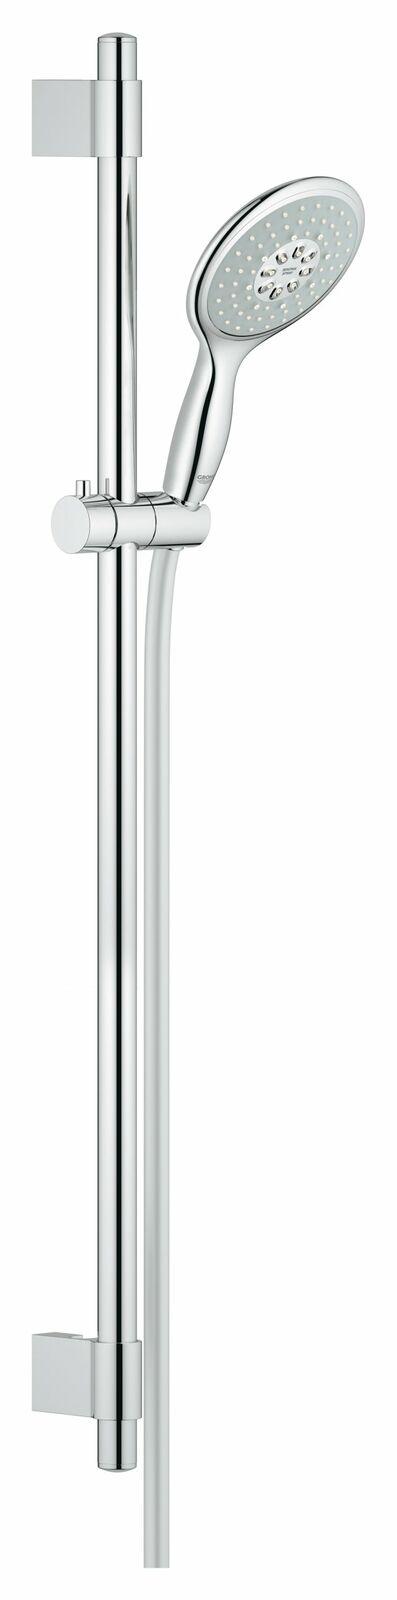 Grohe Power & Soul 130 Brausestangenset 900 mm - Chrom - 27738000